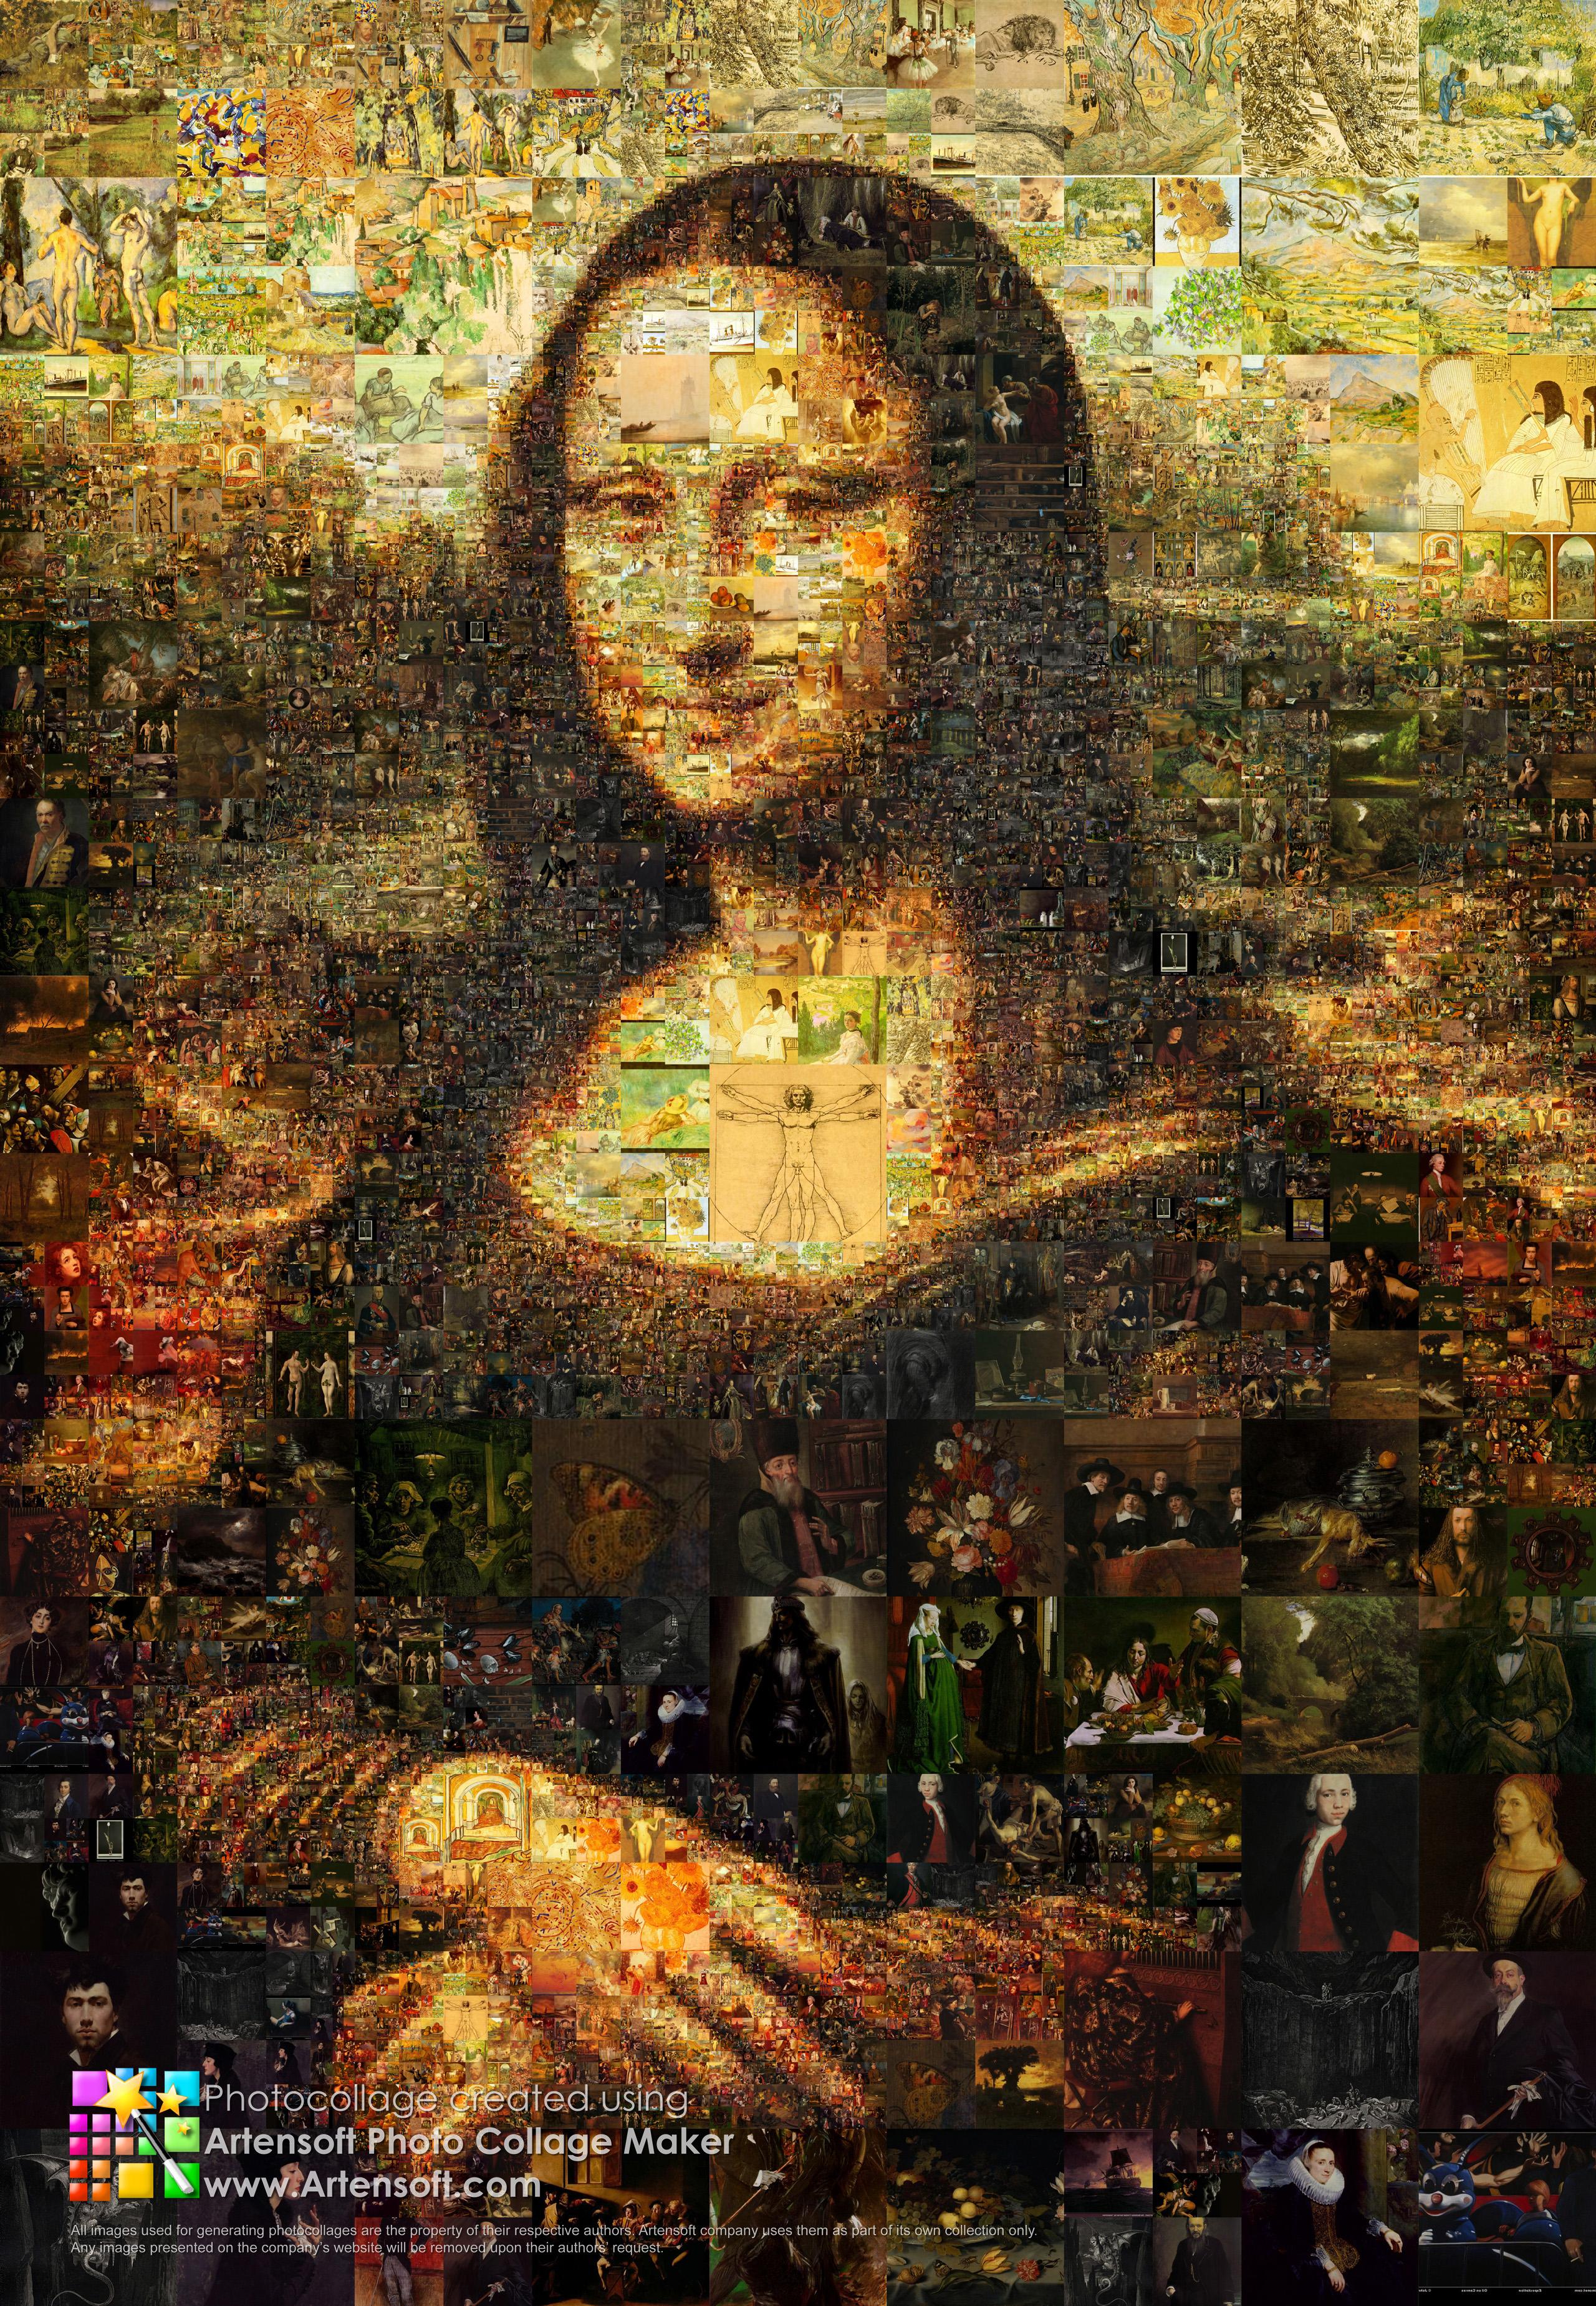 Portrat Der Mona Lisa Aus Vielen Mini Gemalden Beschreibung Programmparameter Fur Das Erstellen Detailansicht Video Auflosung Beim Speichern